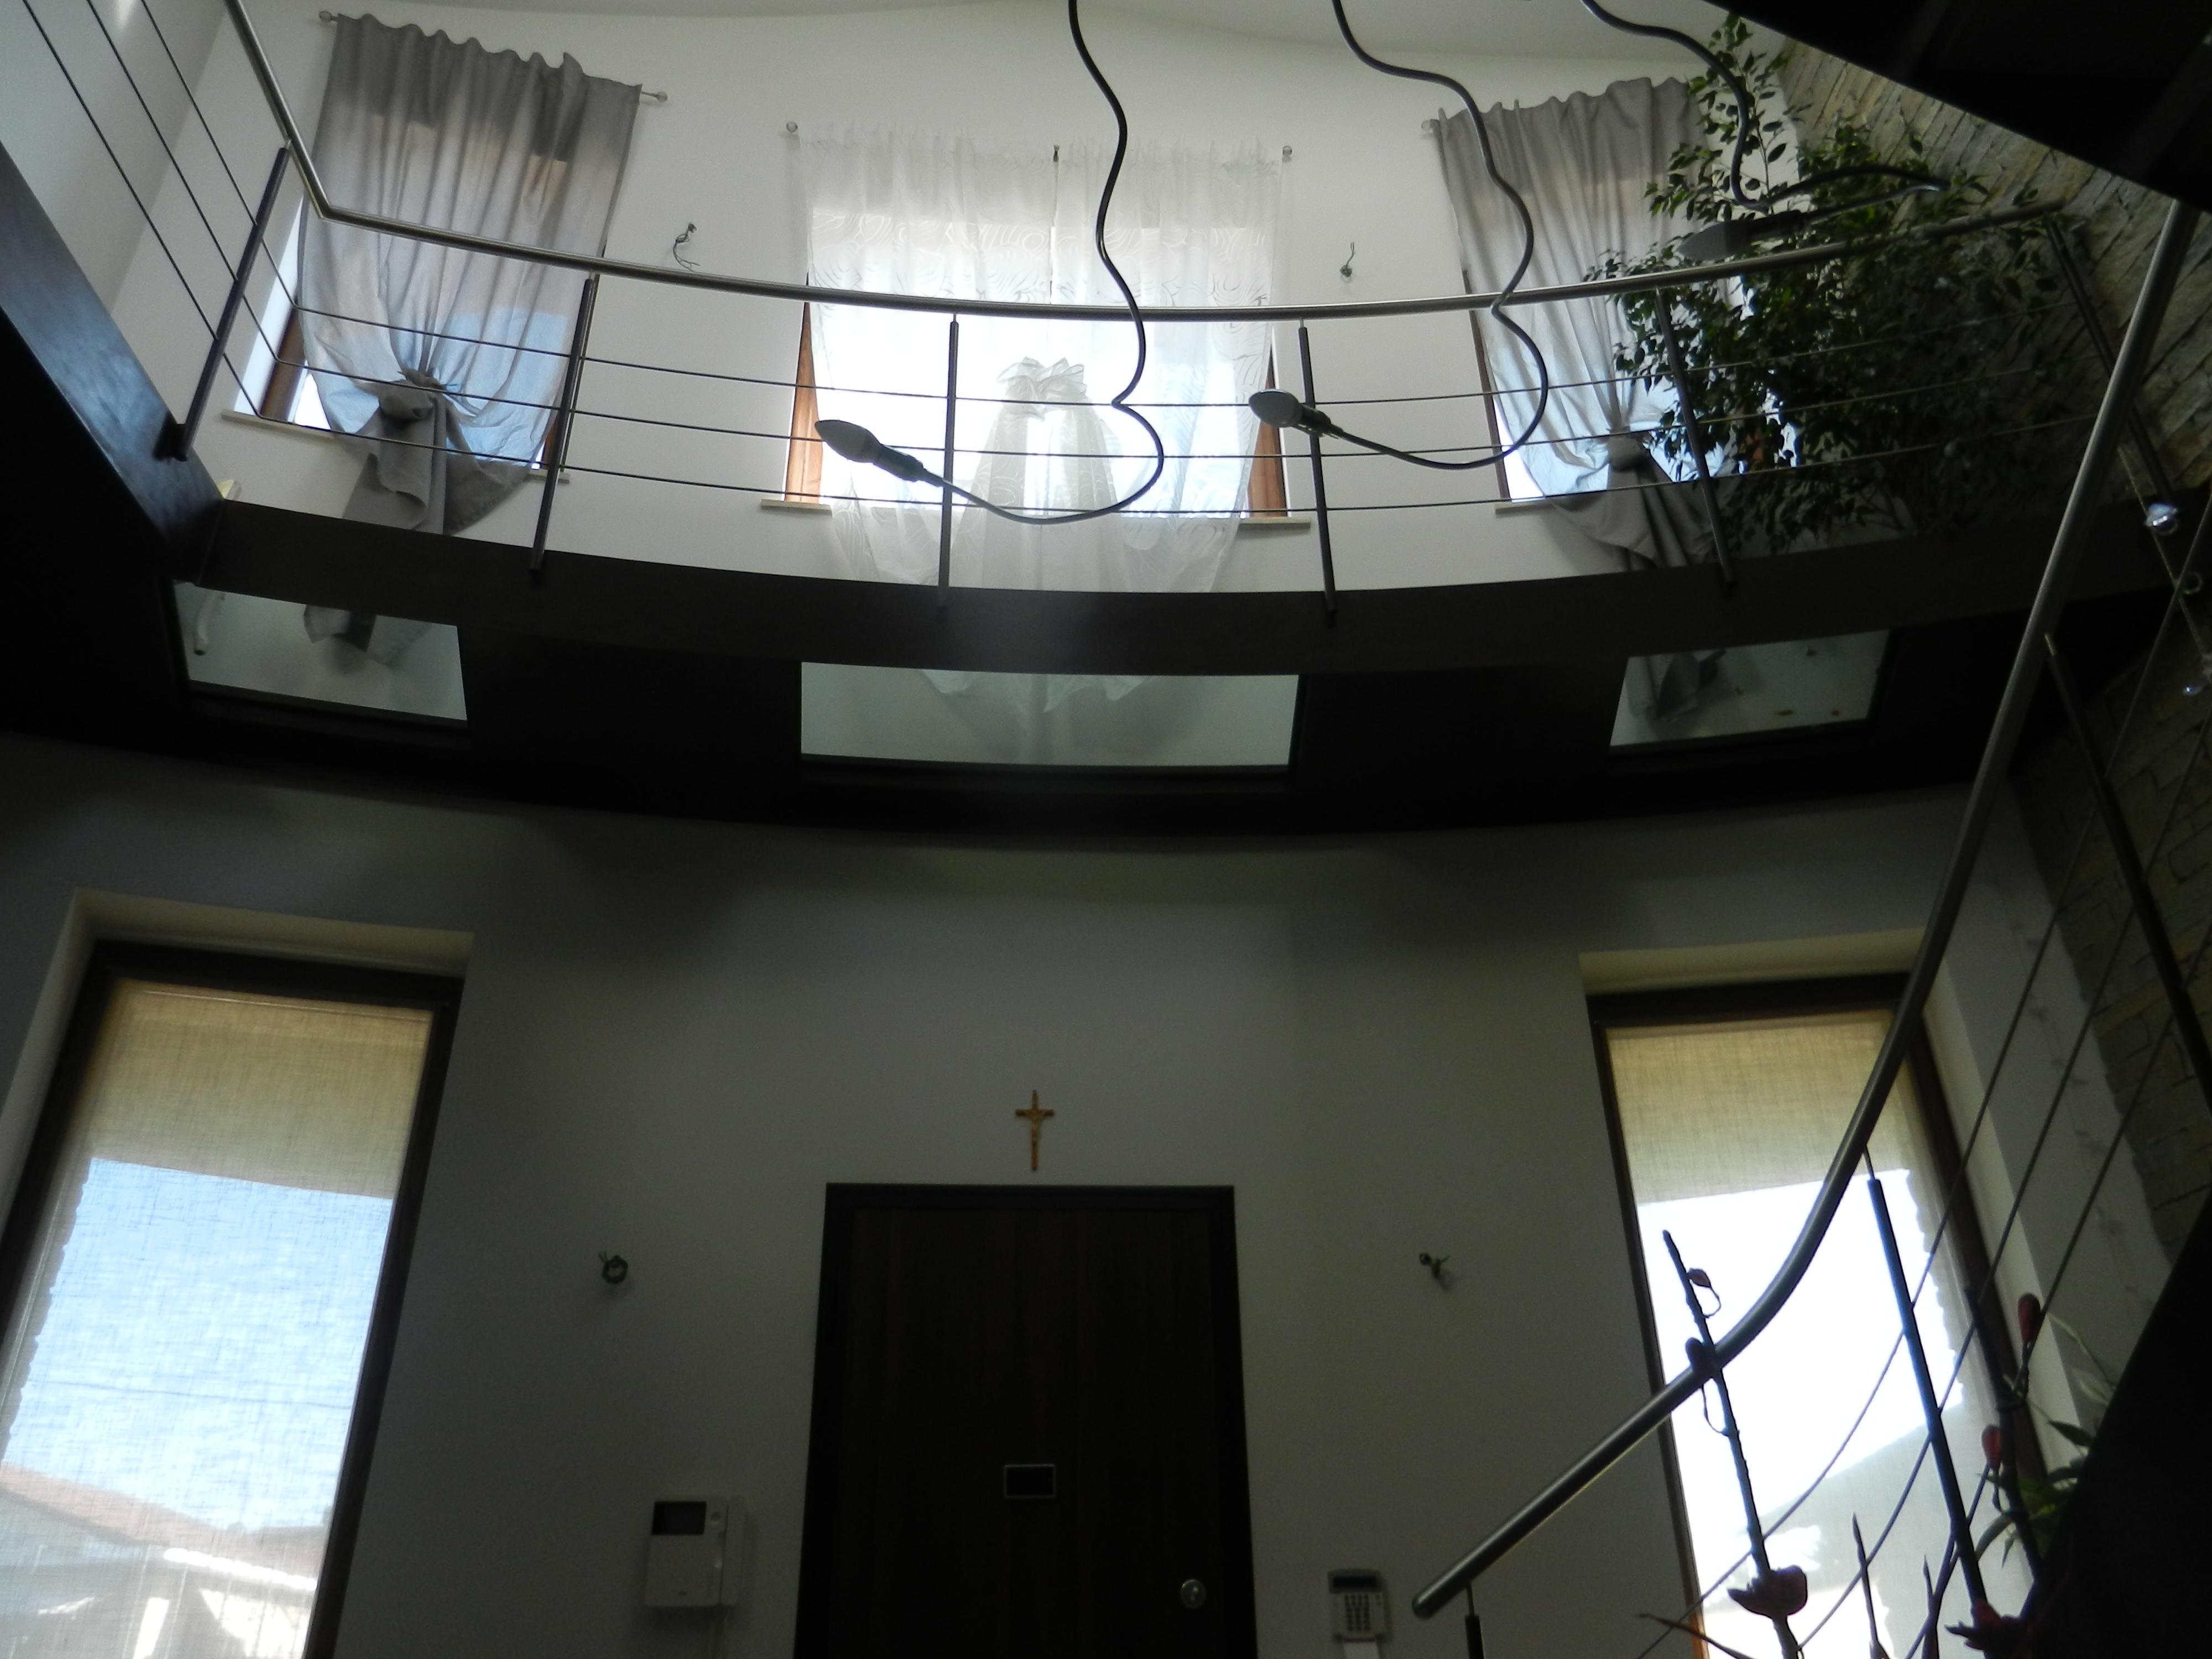 Studi Di Architettura Cuneo adn studio di arch. andrea diego di natale - mansarda.it